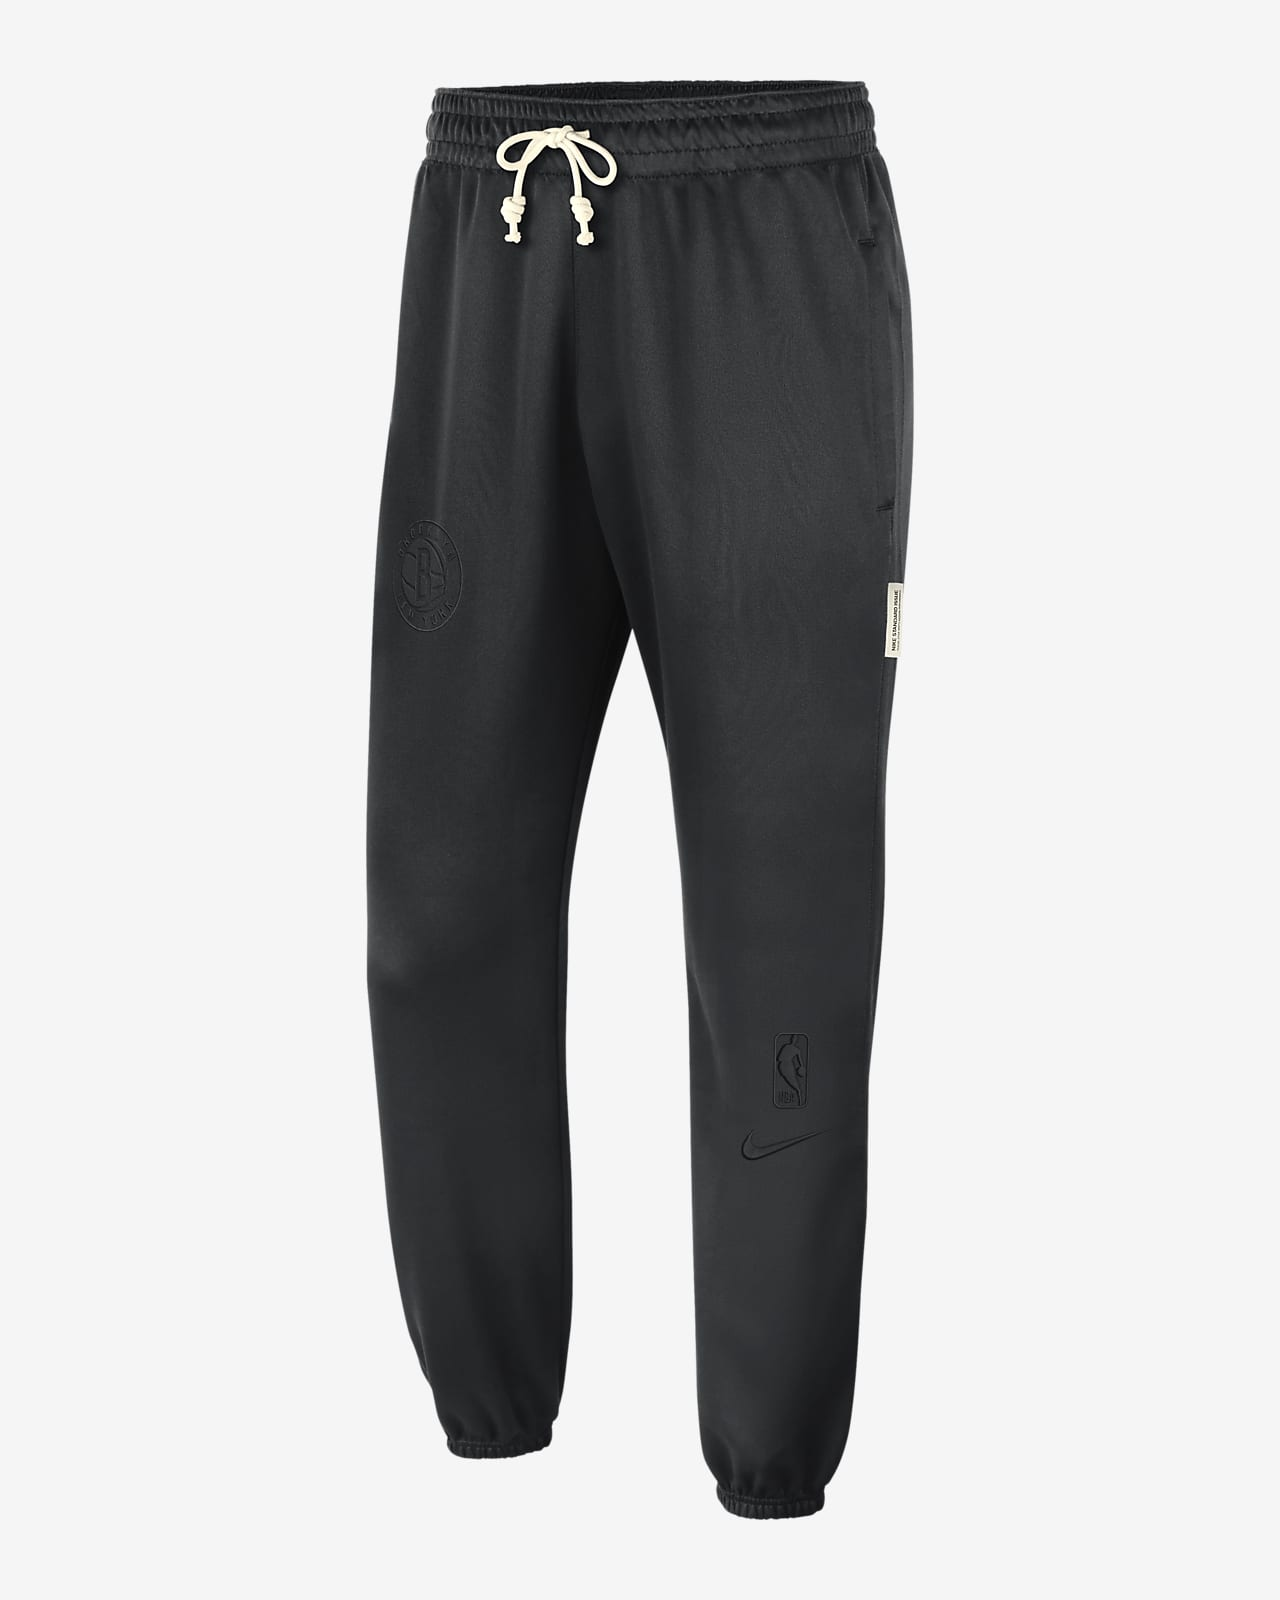 布鲁克林篮网队 Standard Issue Nike Dri-FIT NBA 男子长裤